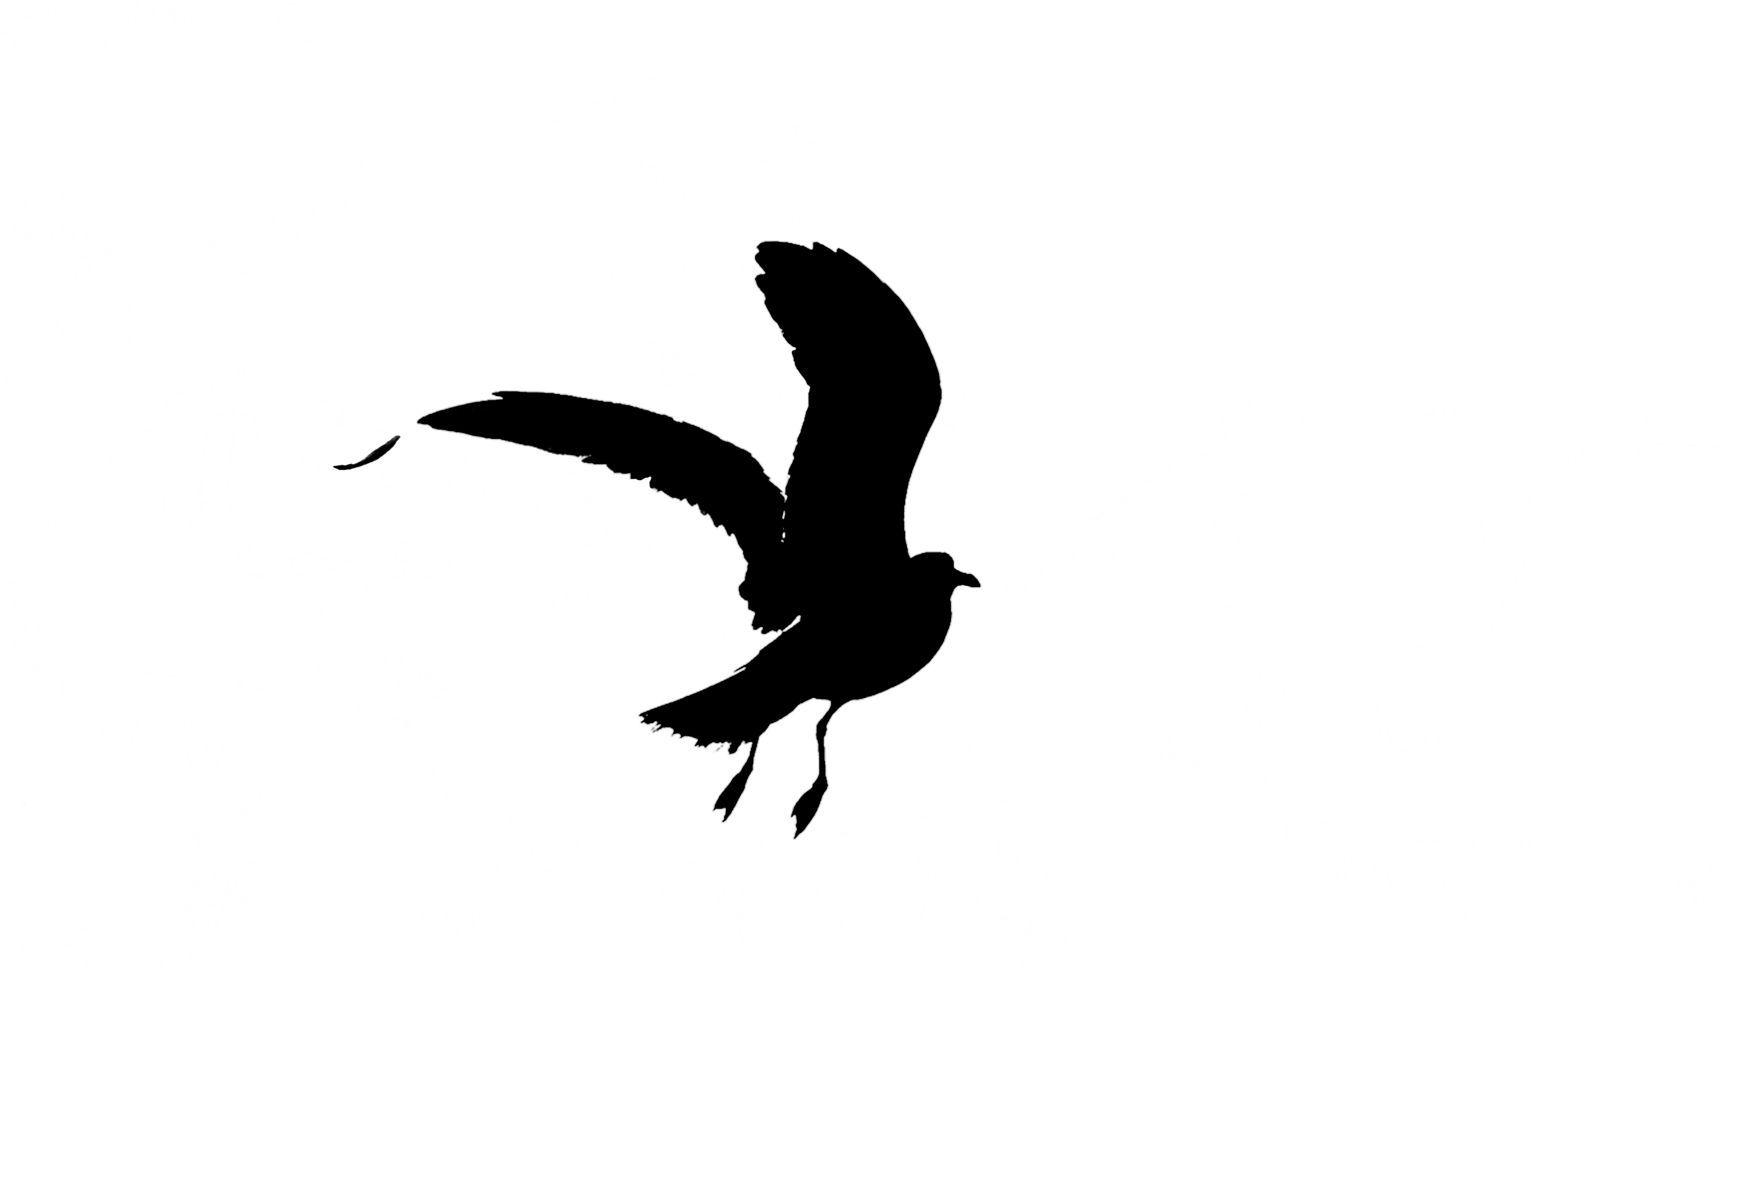 Bird Series #6 - Falling Feather ©2016 L. Aviva Diamond